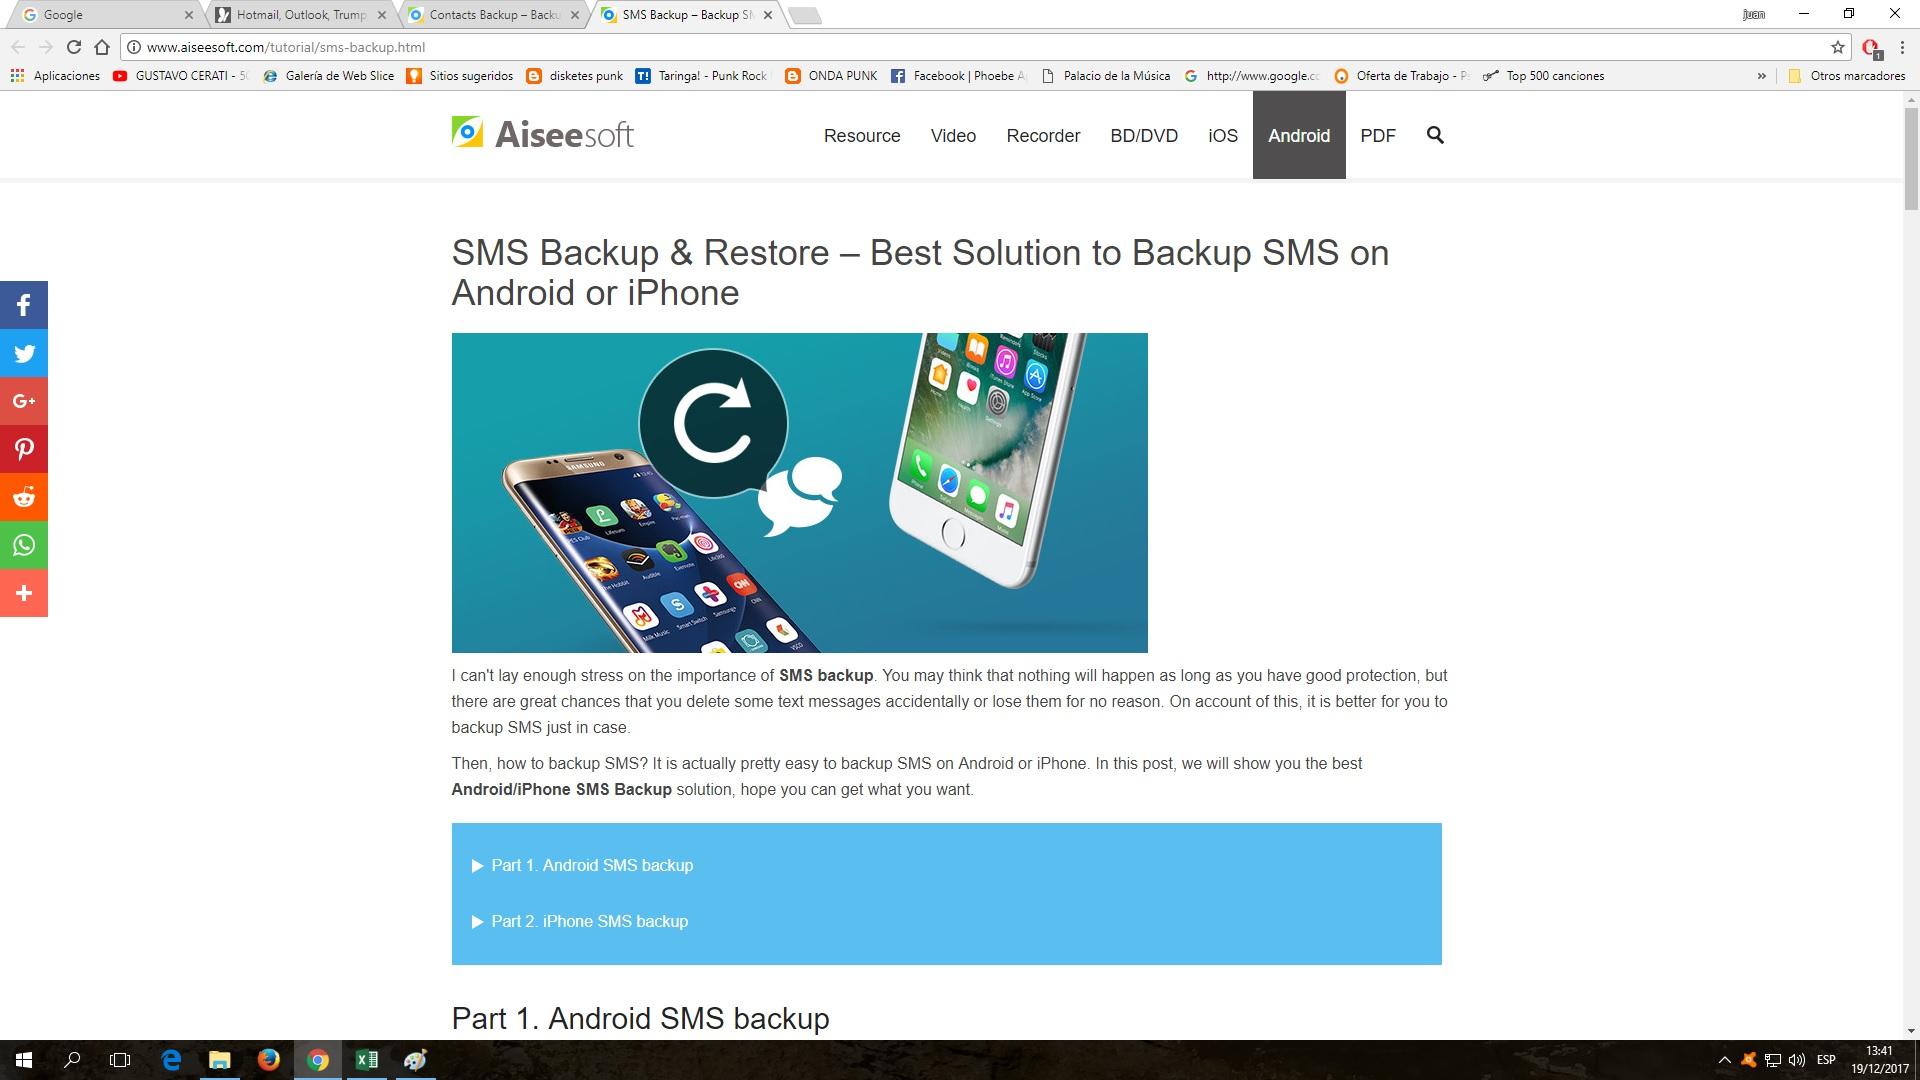 Cómo realizar copia de seguridad de sms